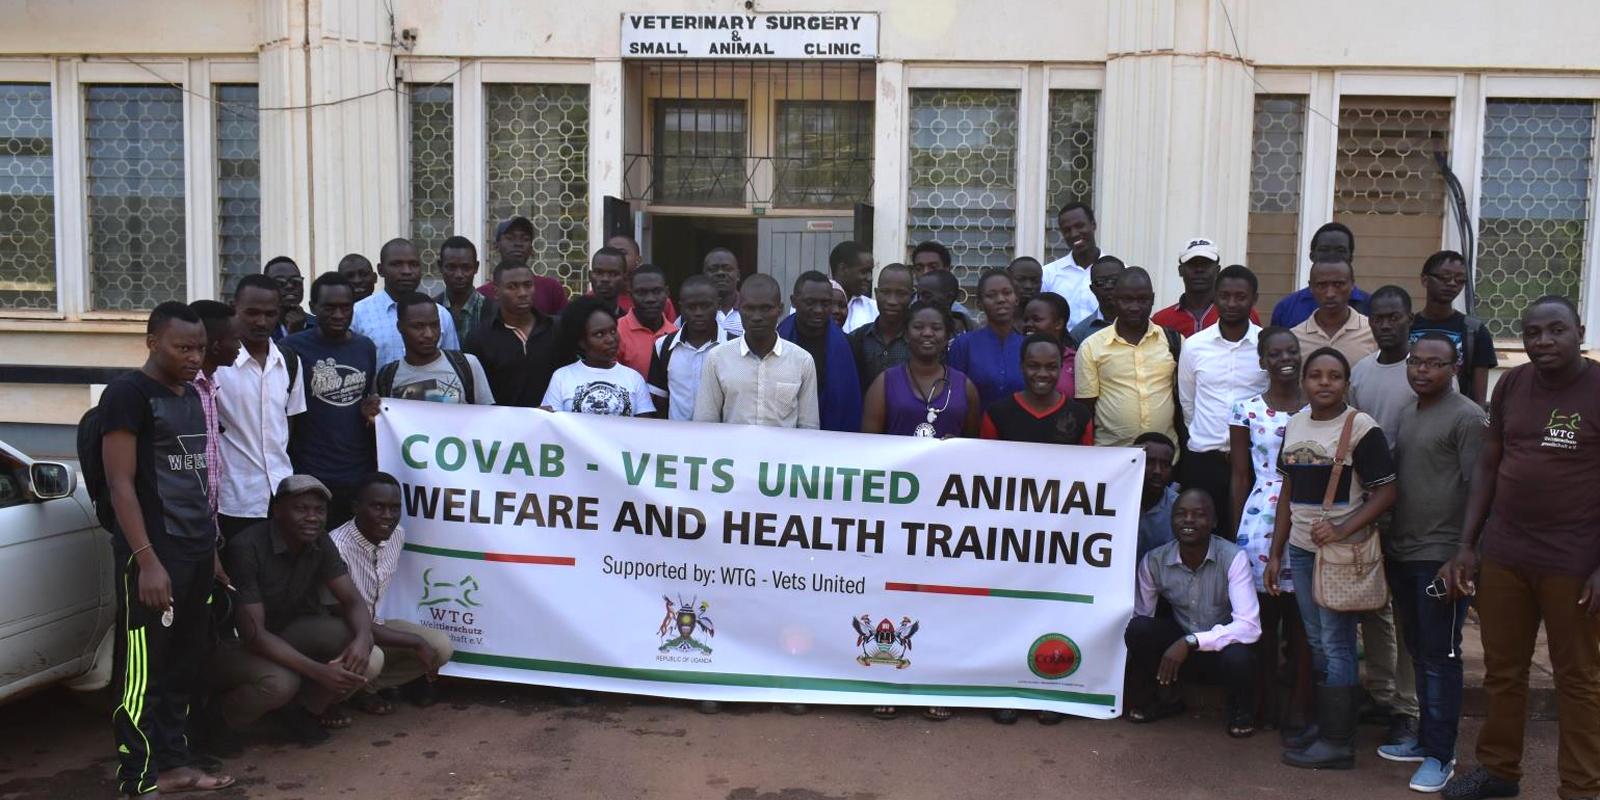 Tierschutz in der akademischen Ausbildung